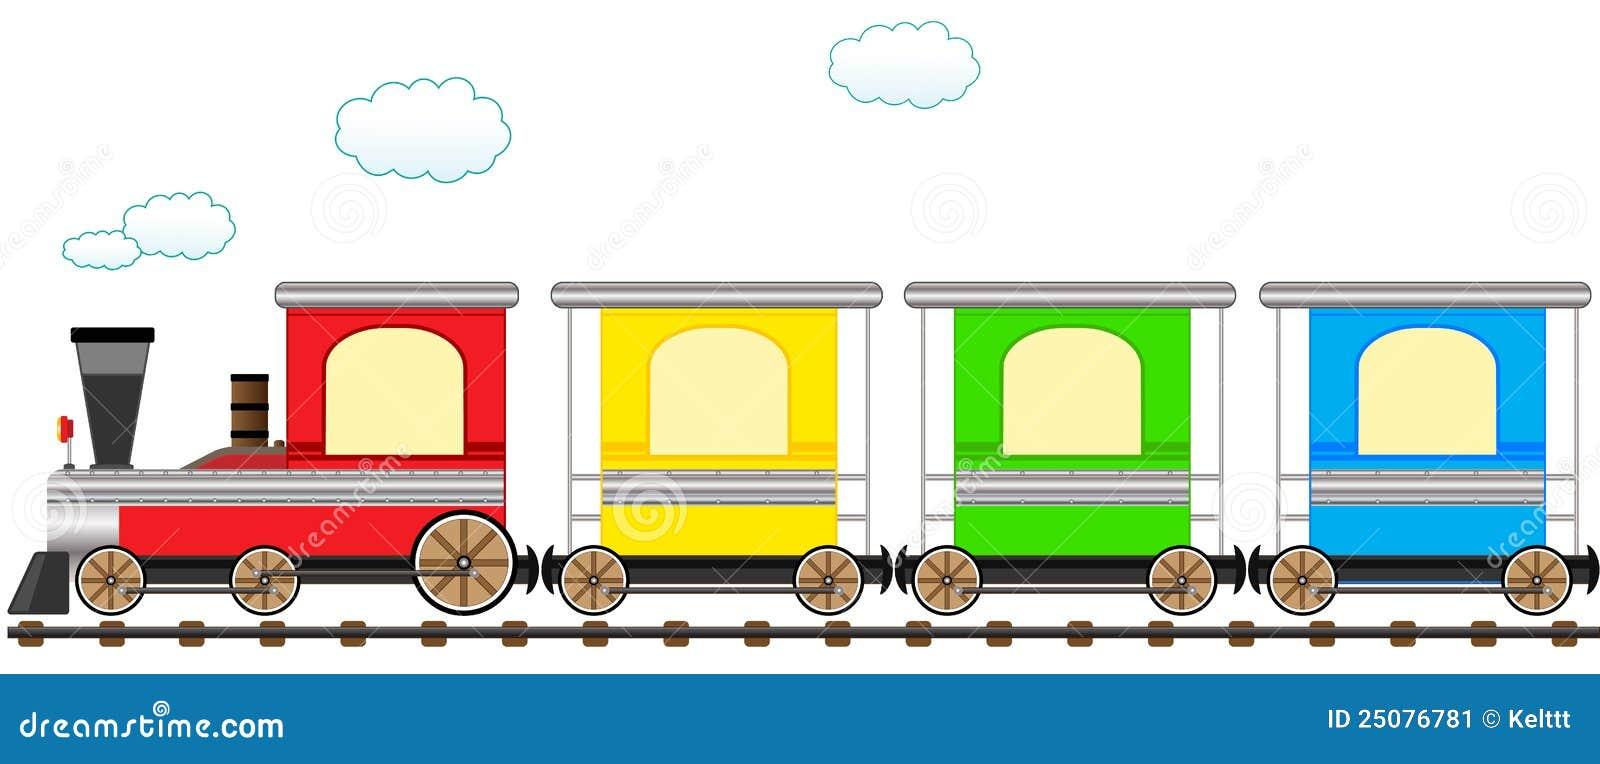 trem colorido bonito dos desenhos animados na estrada de ferro